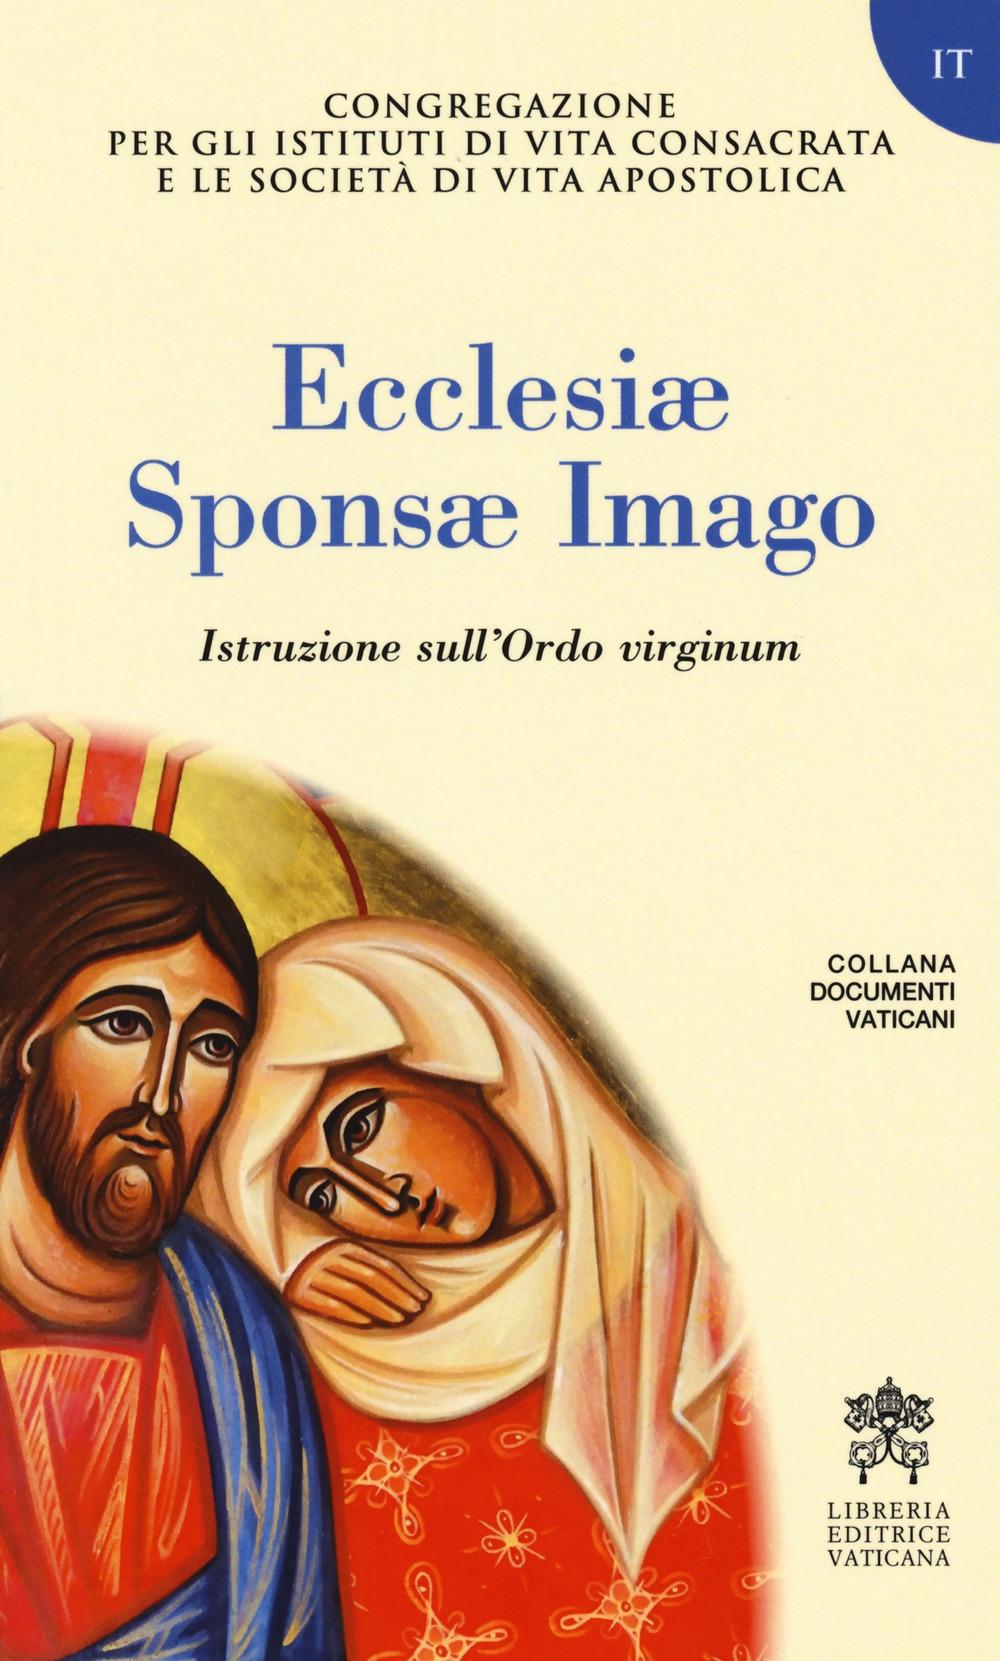 Ecclesiae Sponsae Imago. Istruzione sull'Ordo virginum